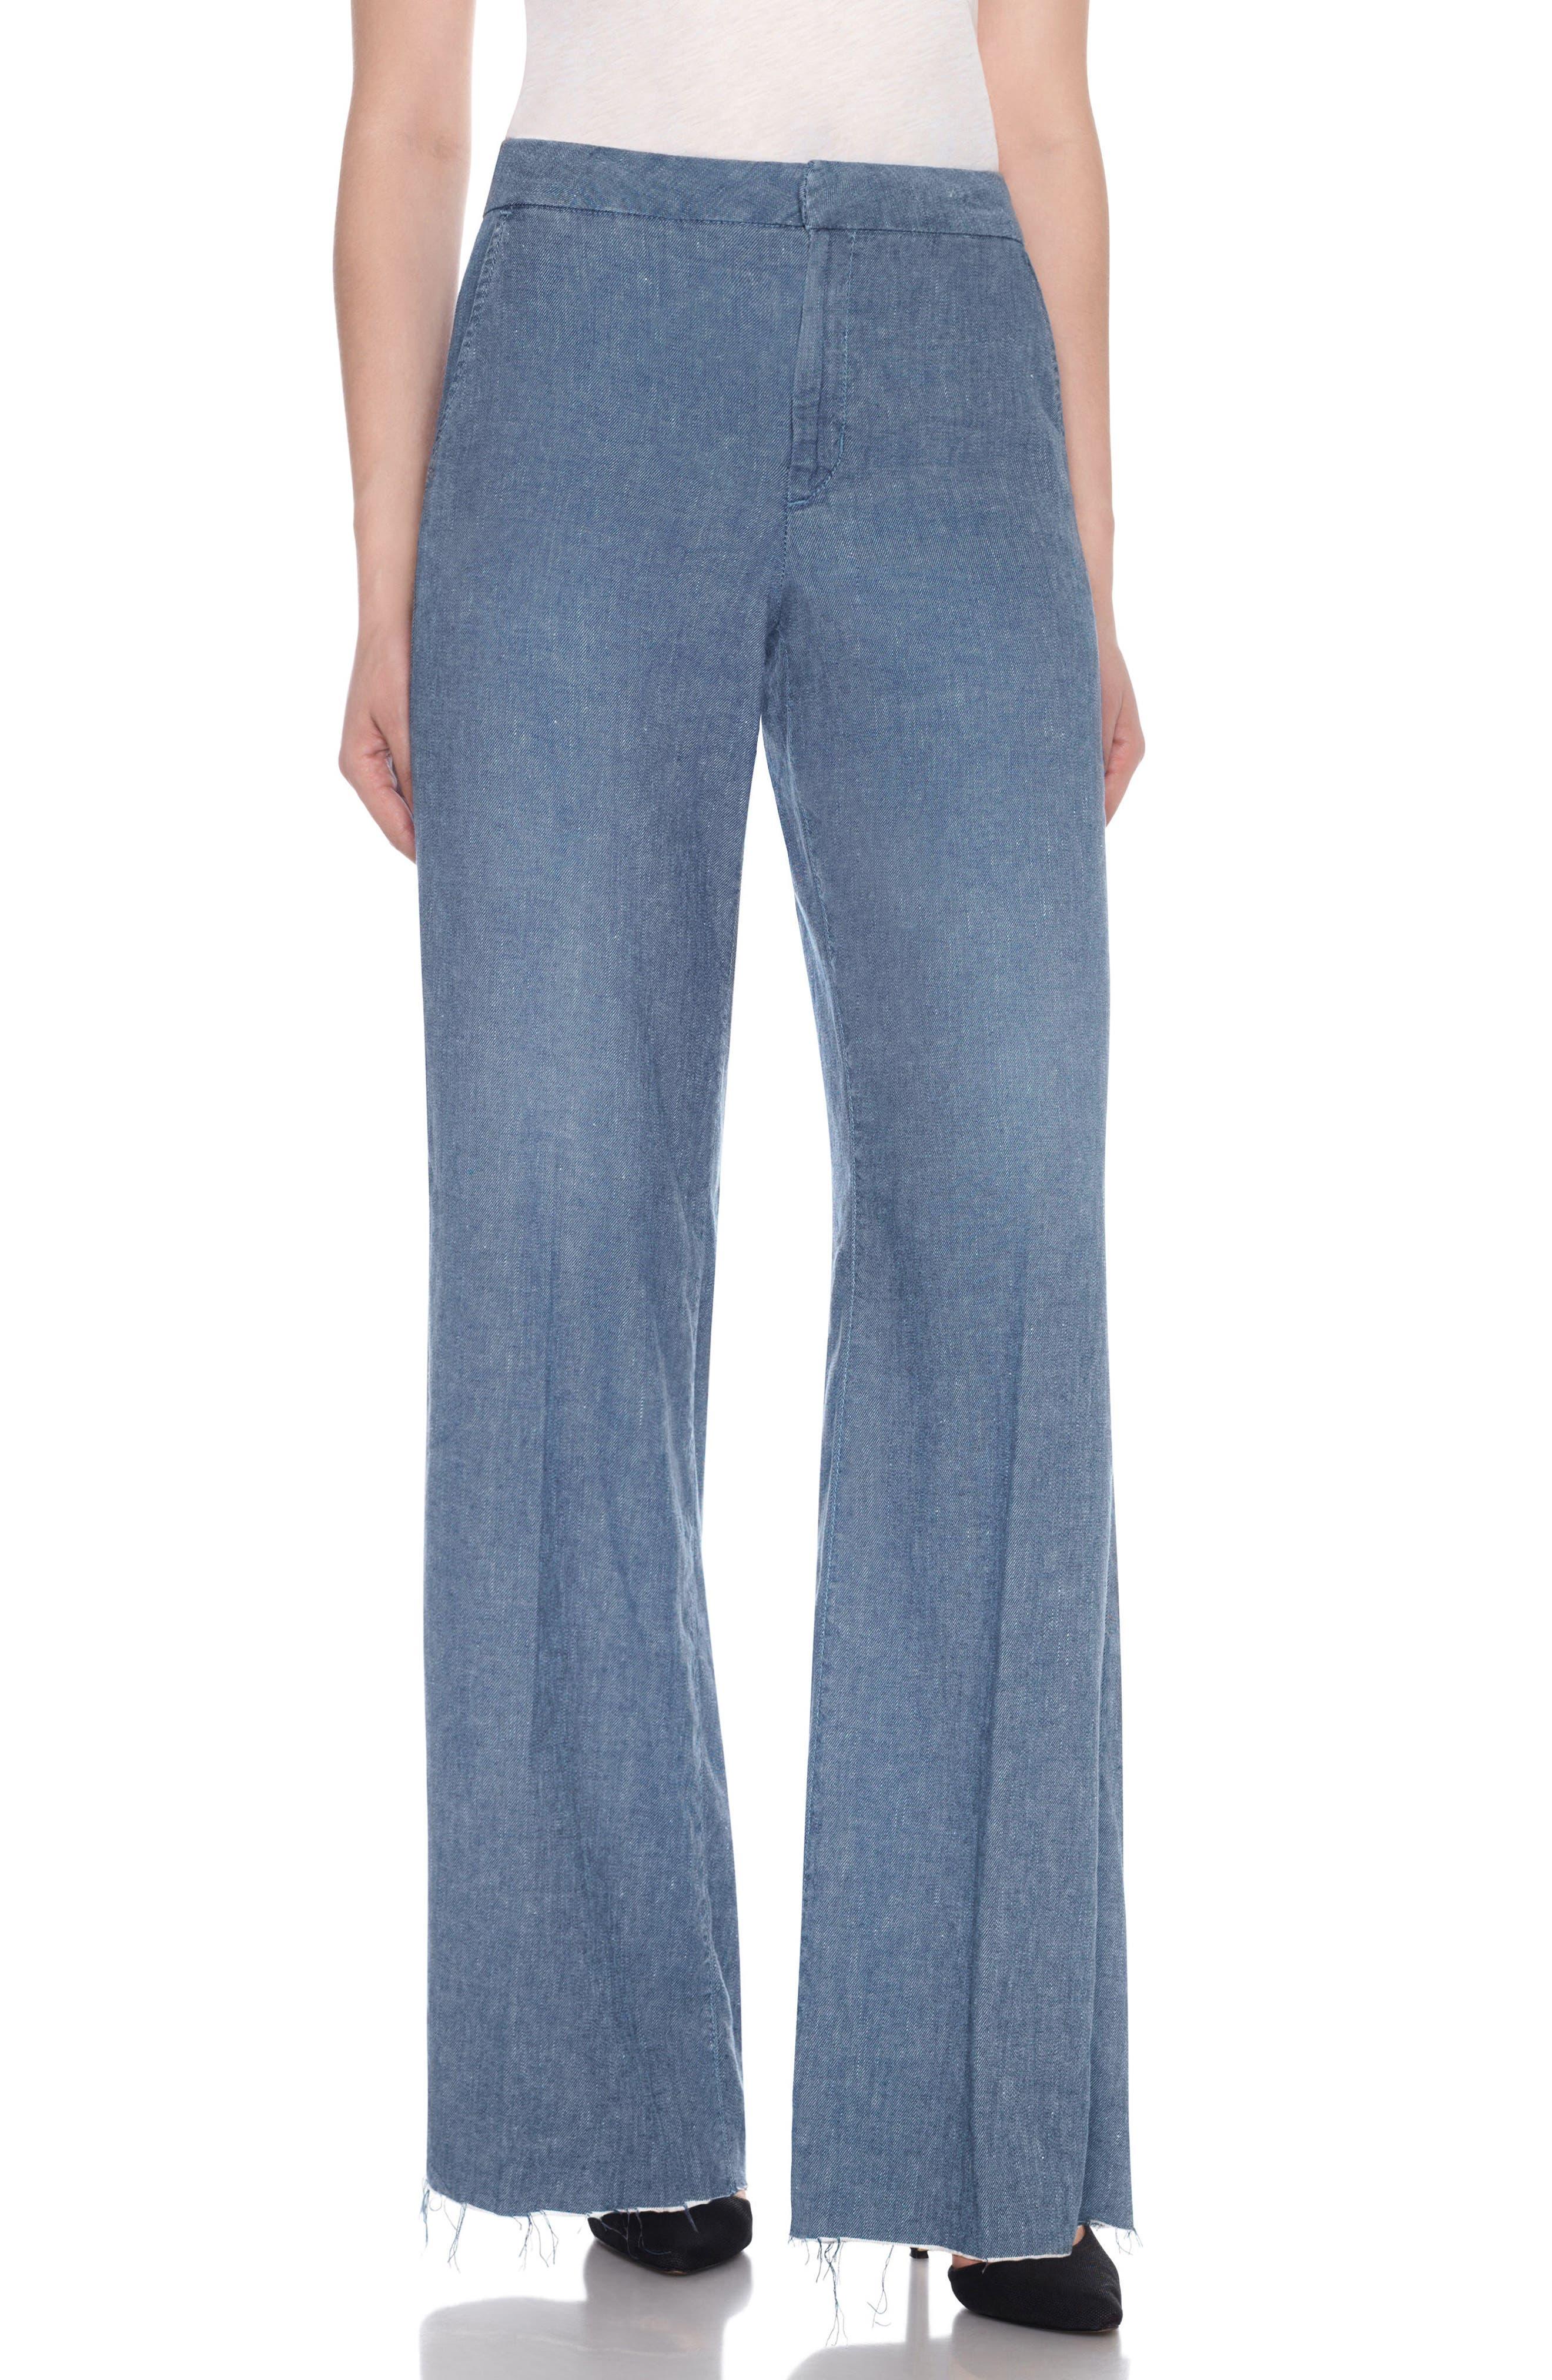 JOES Bessie High Waist Wide Leg Trousers